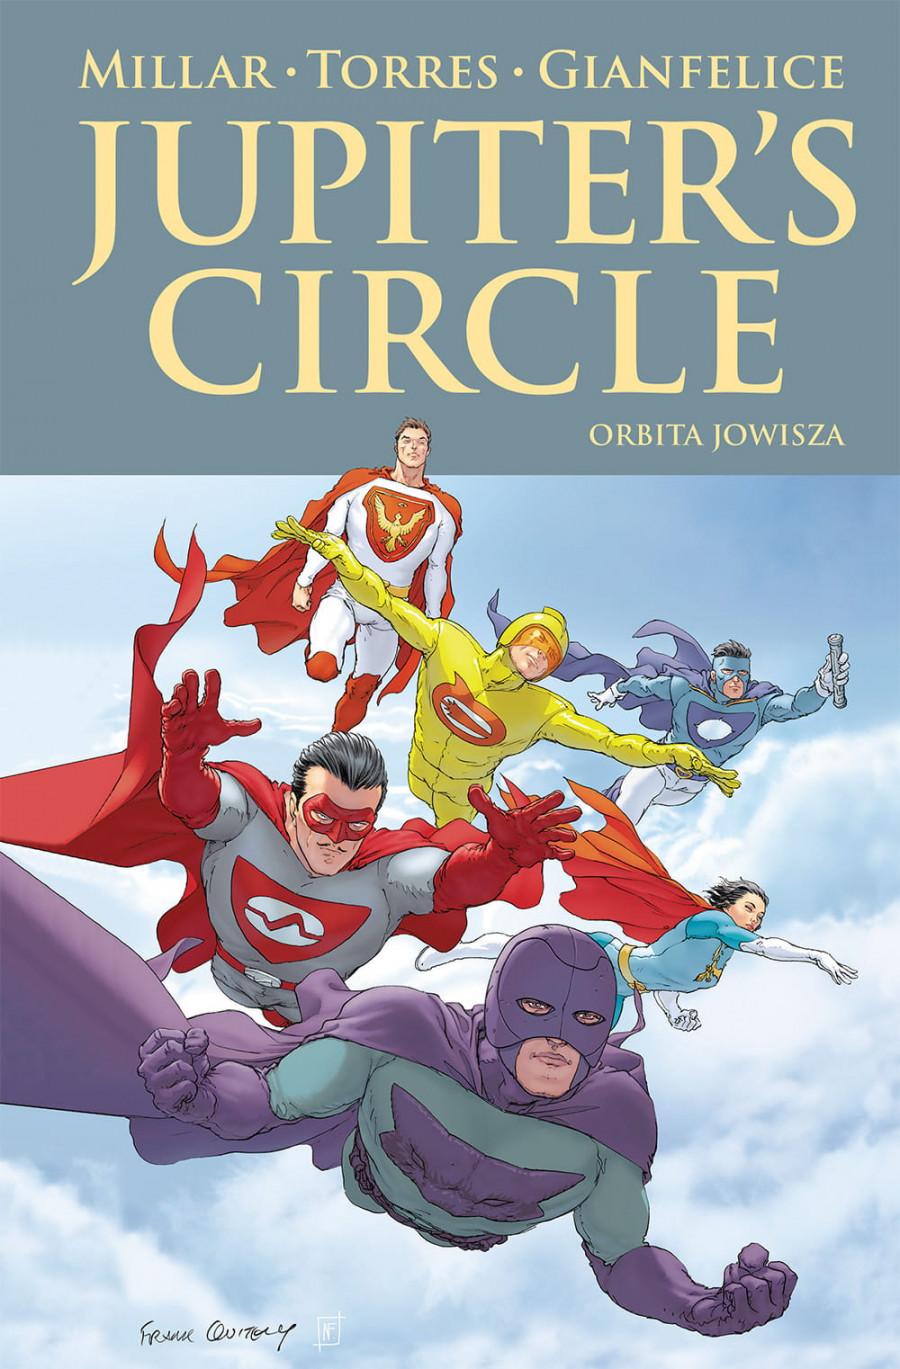 Jupiter's Circle: Orbita Jowisza